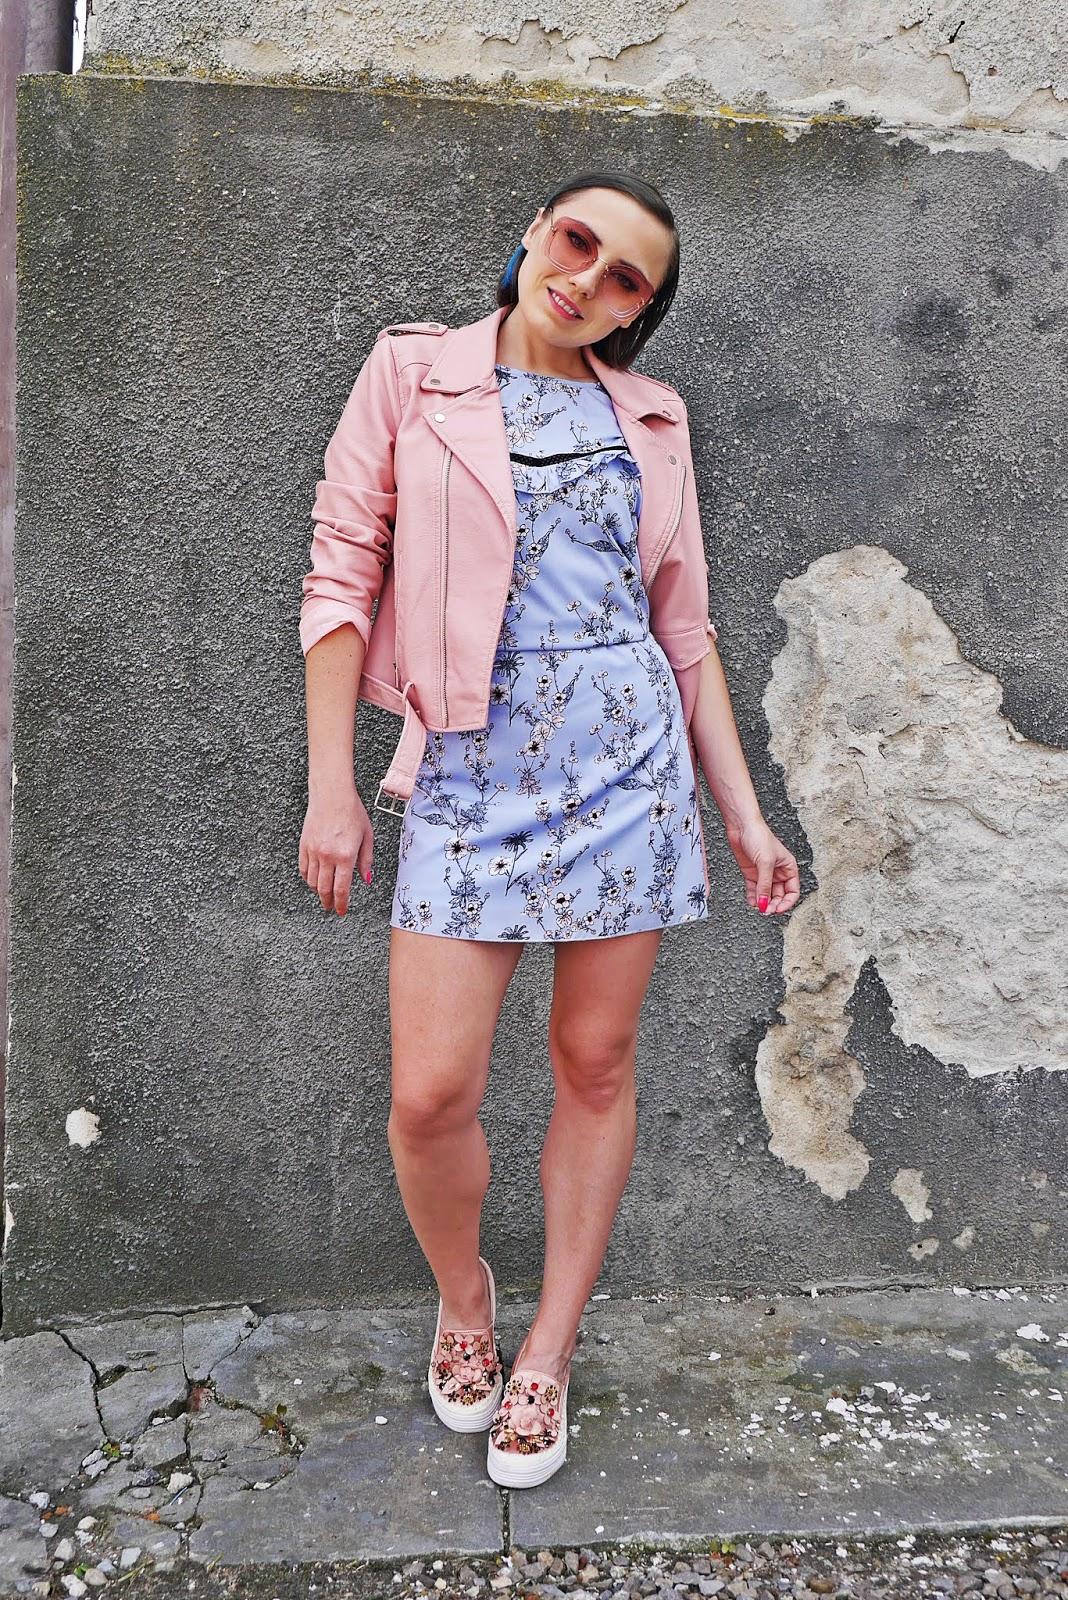 7_sukienka_w_kwaity_bonprix_rozowa_ramoneska_buty_renee_karyn_blog_modowy_200518